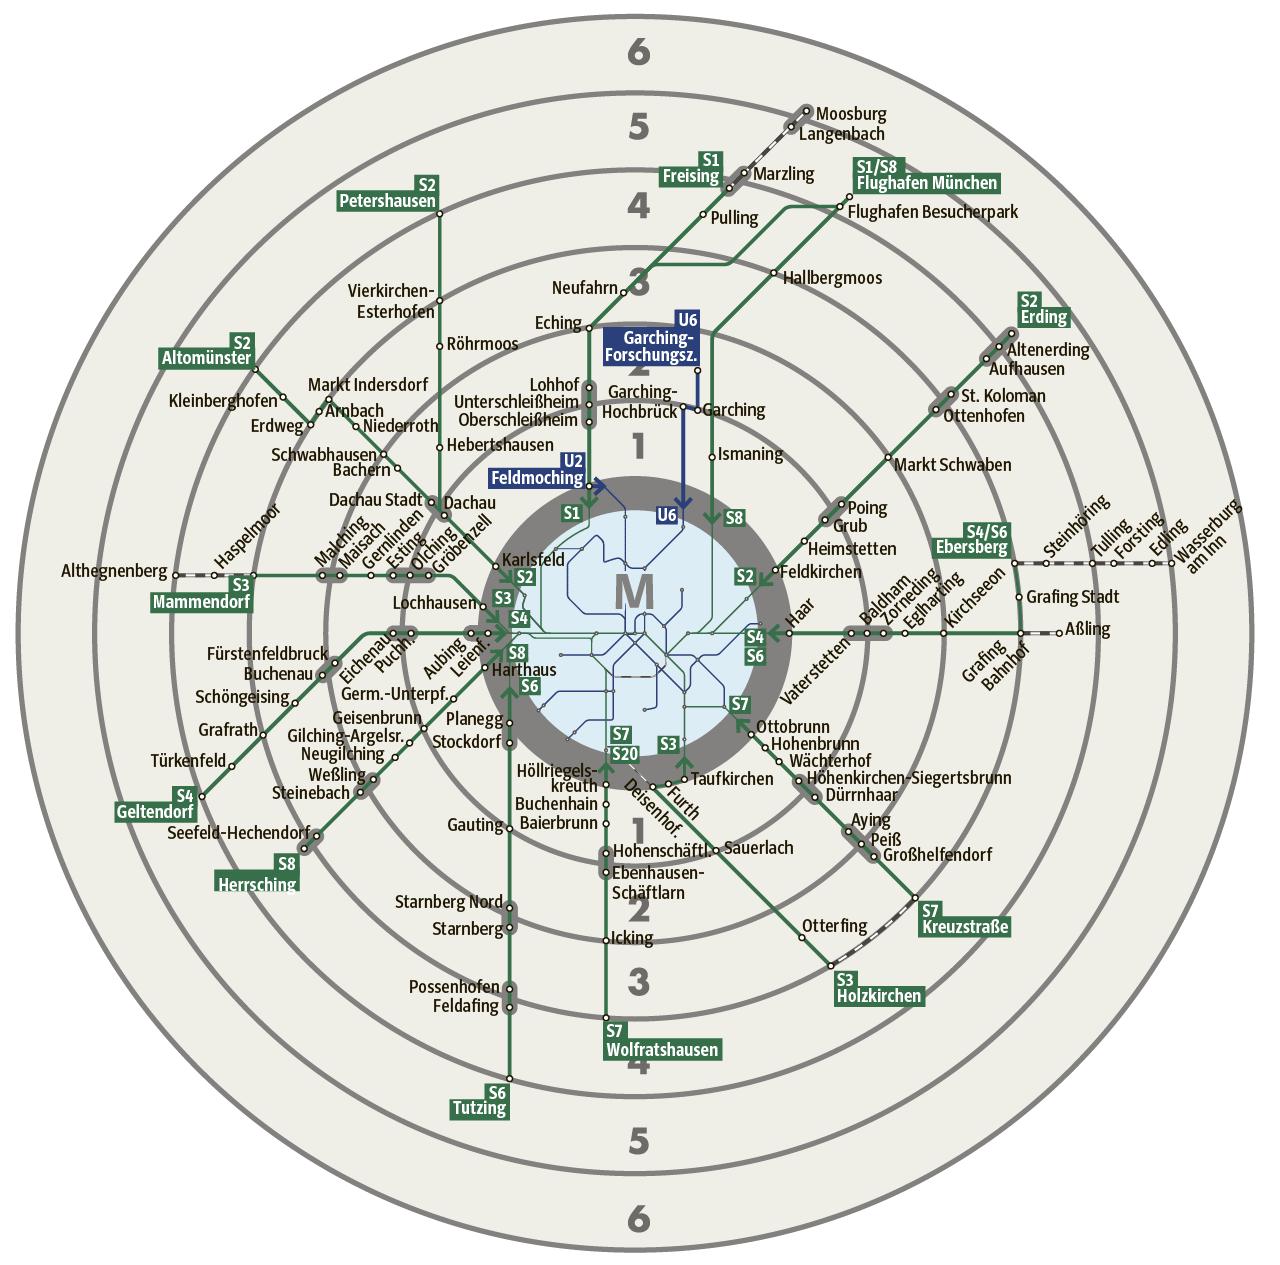 Mvv Zonen Karte.Mvv Tarifreform Das System Wird Einfacher Munchen